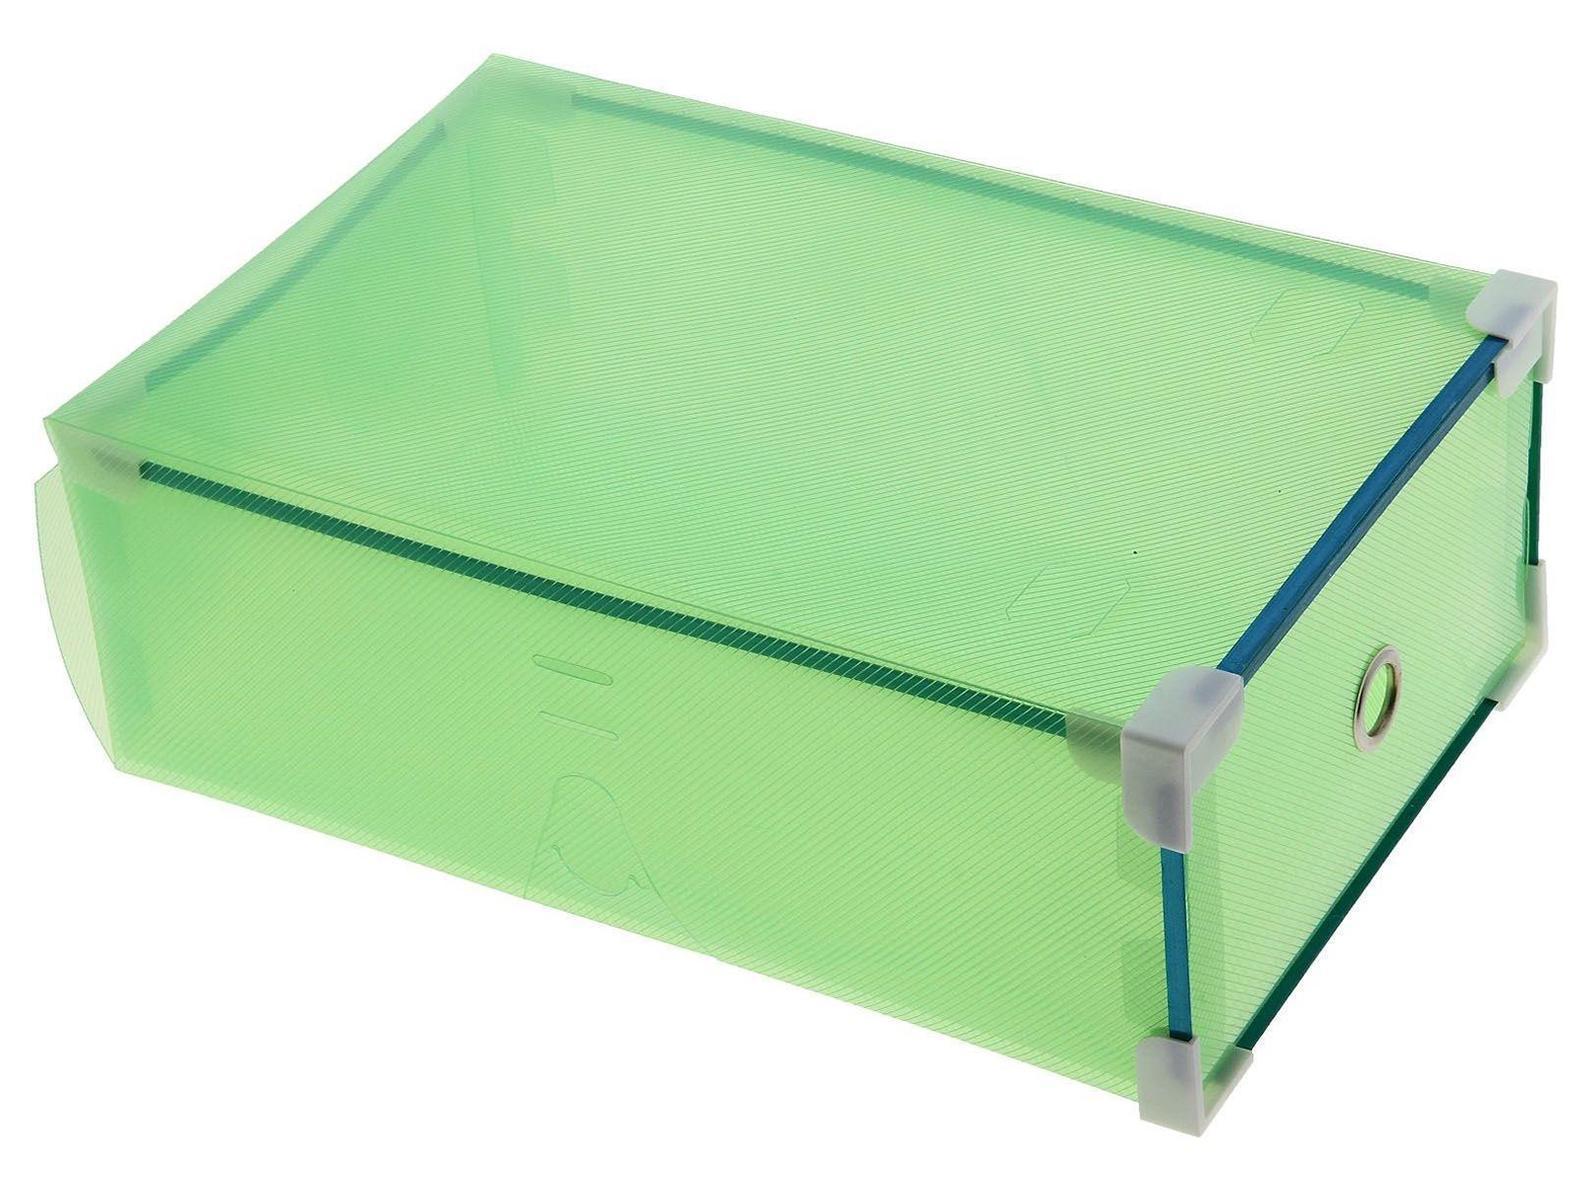 короб для хранения выдвижной 31*19,5*10,5см зеленый 7099666907099660006Коробка для мелочей изготовлена из прочного пластика. Предназначена для хранения мелких бытовых мелочей, принадлежностей для шитья и т.д. Коробка оснащена плотно закрывающейся крышкой, которая предотвратит просыпание и потерю мелких вещиц.Коробка для мелочей сохранит ваши вещи в порядке. Материал: Пластик, металл